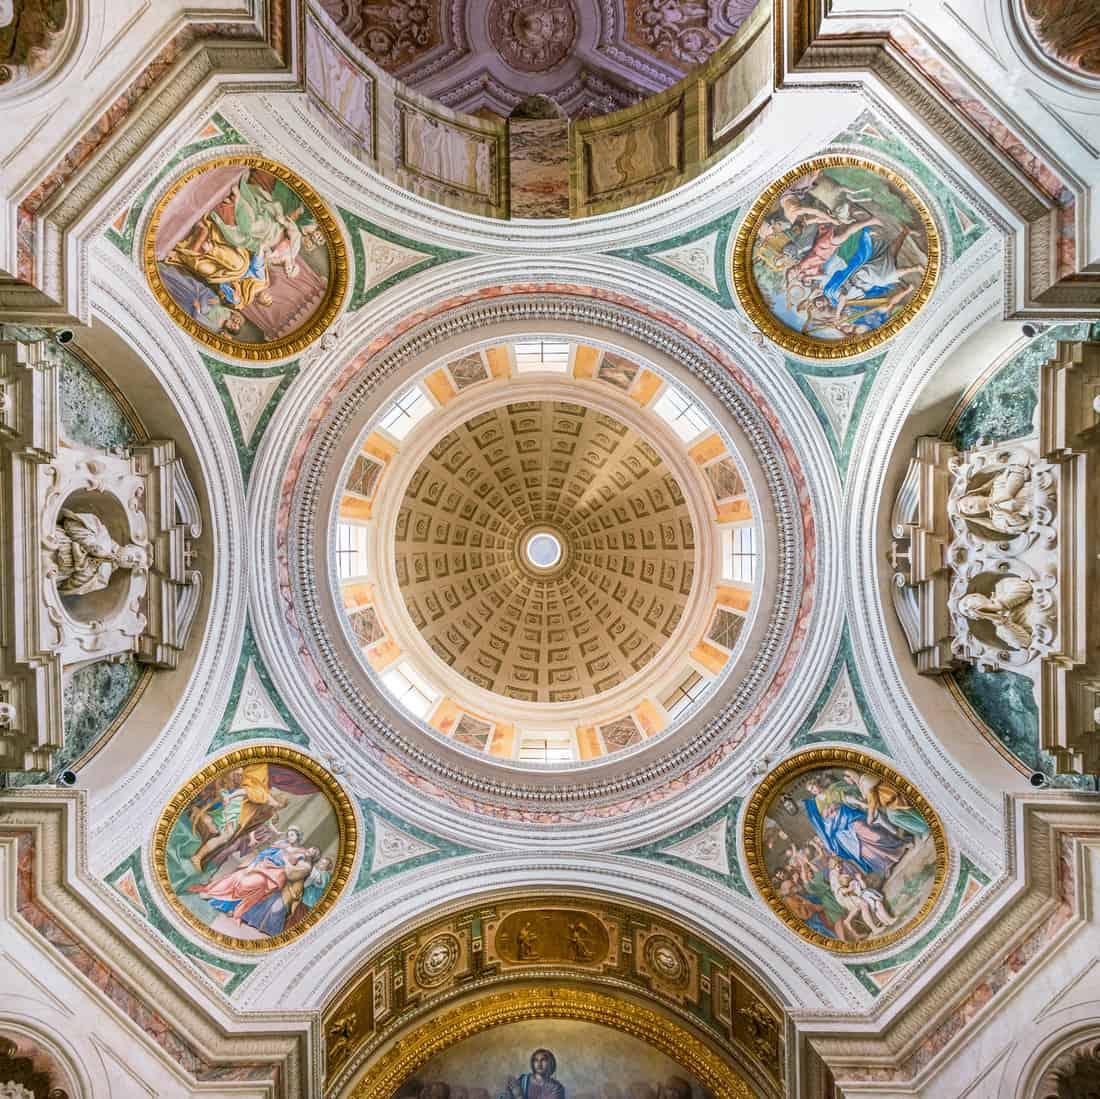 Bandini Chapel in the Church of San Silvestro al Quirinale